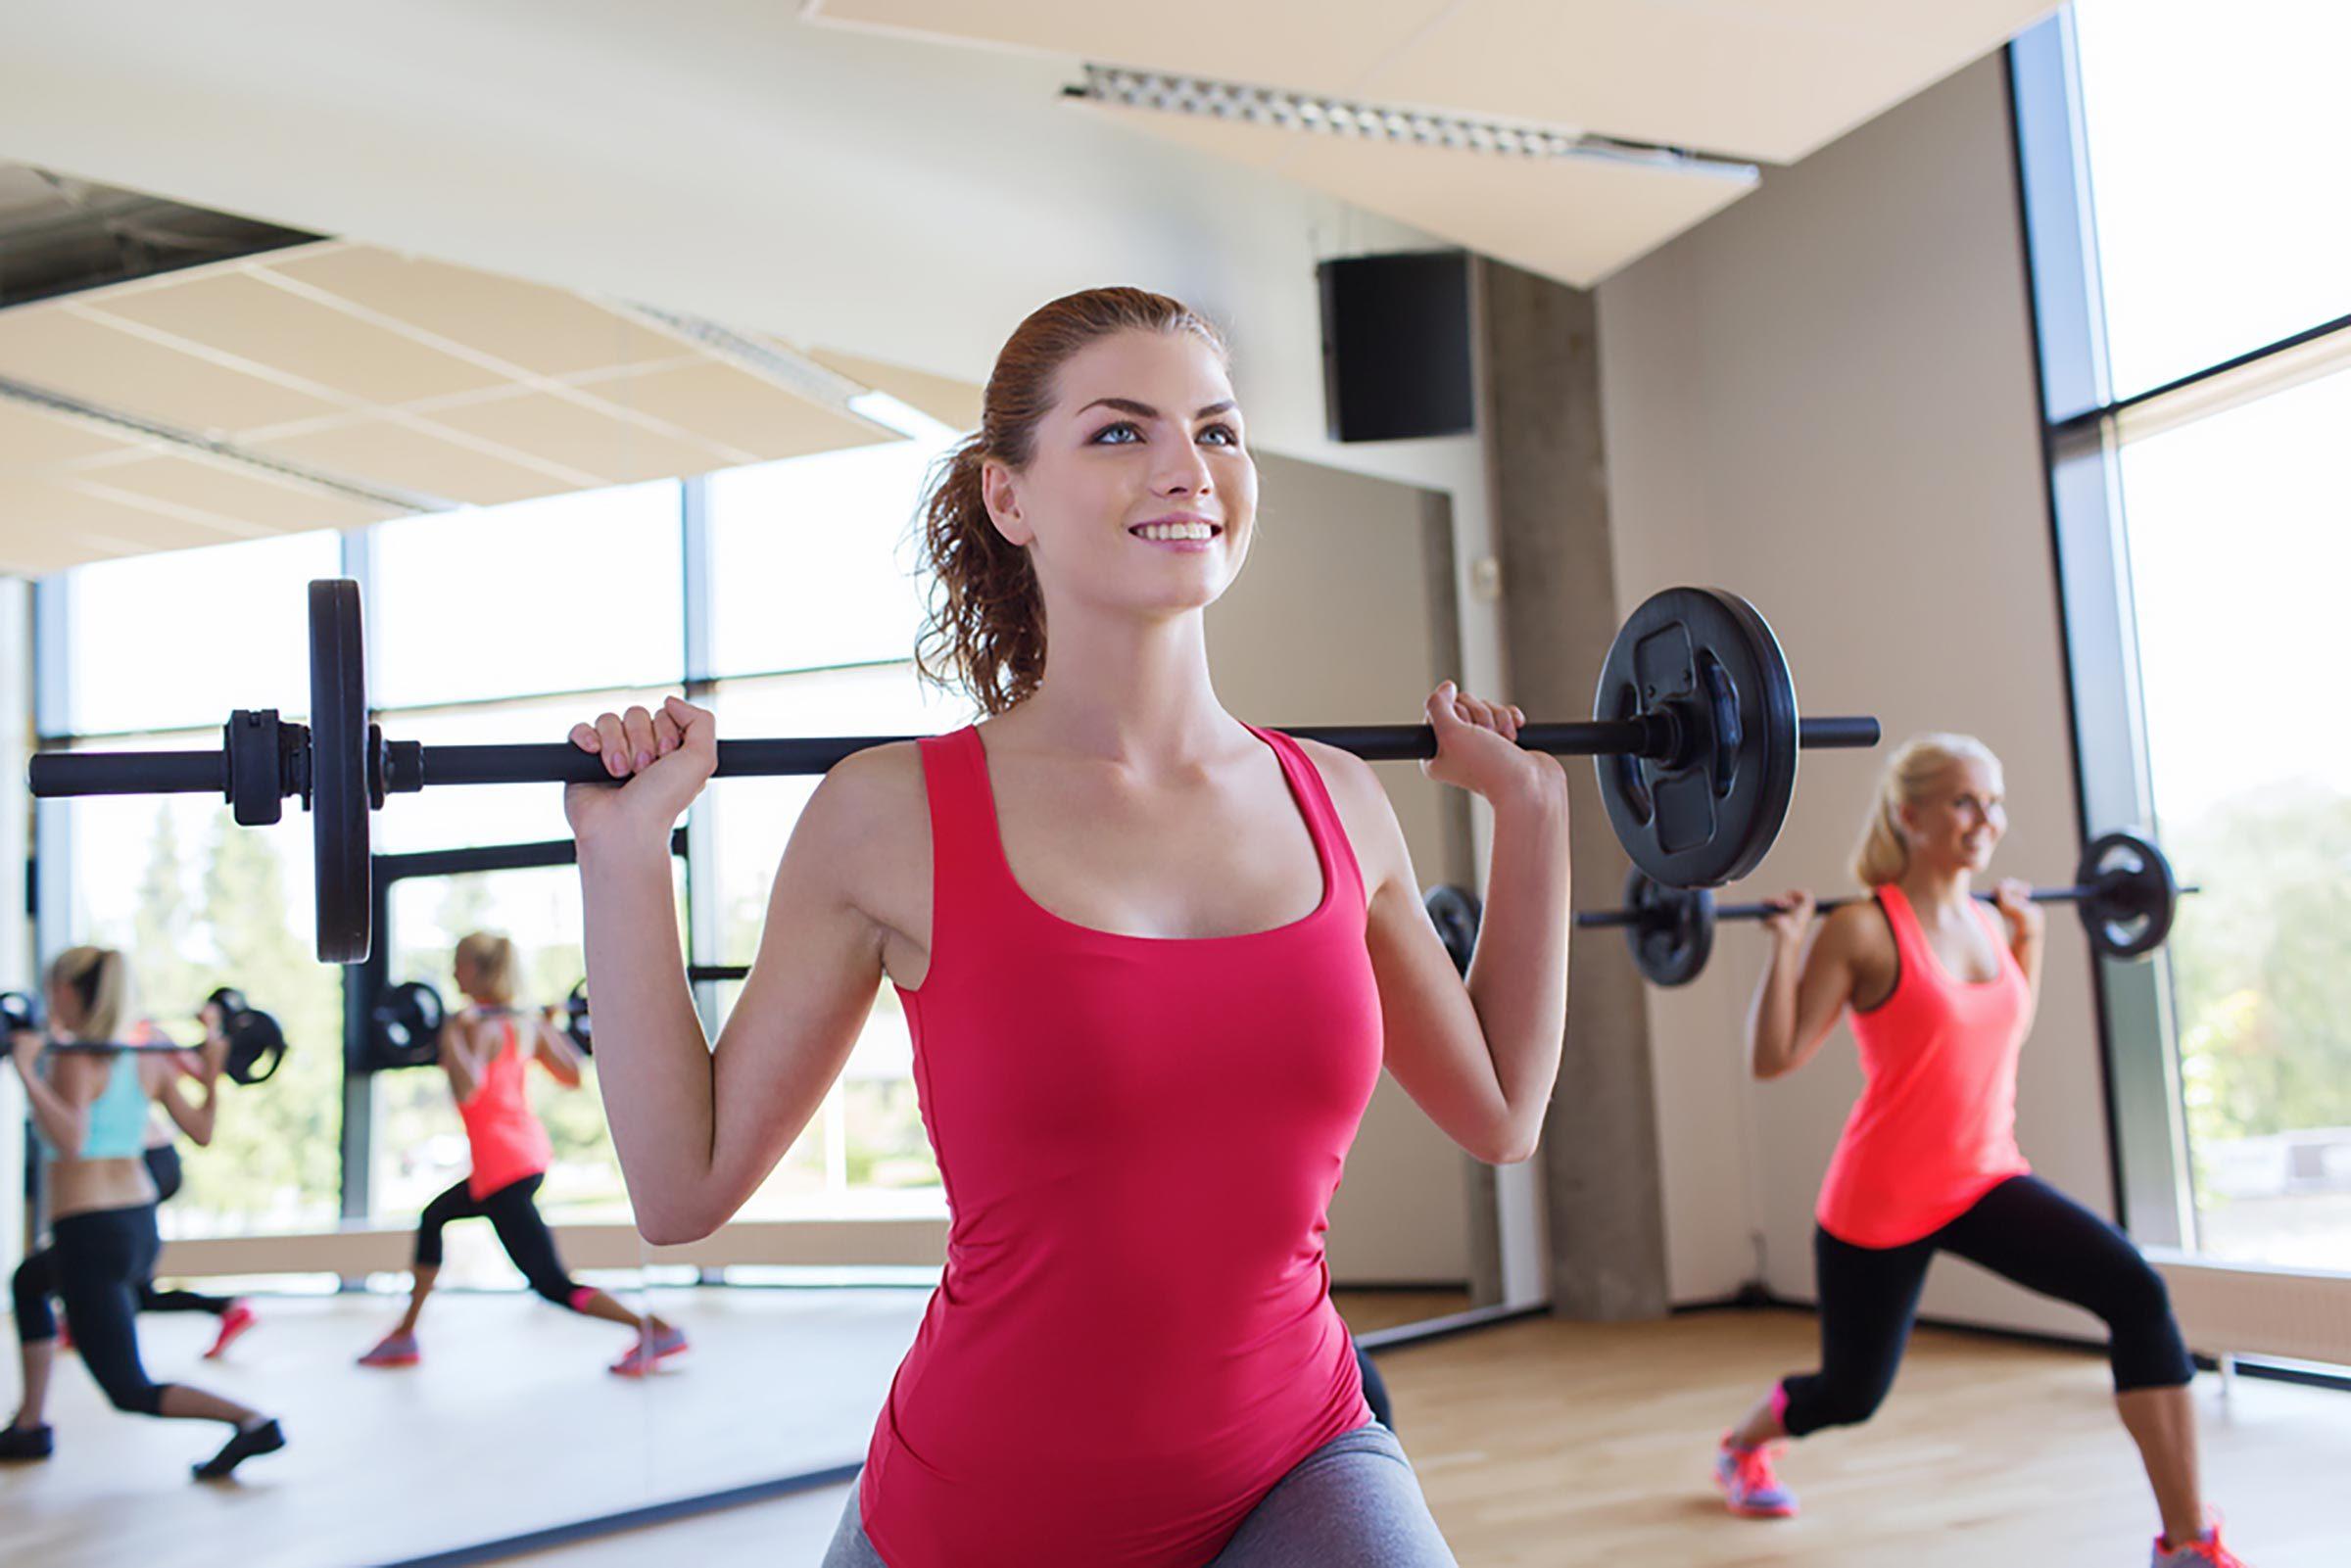 Conseil santé : faire de l'exercice quotidien